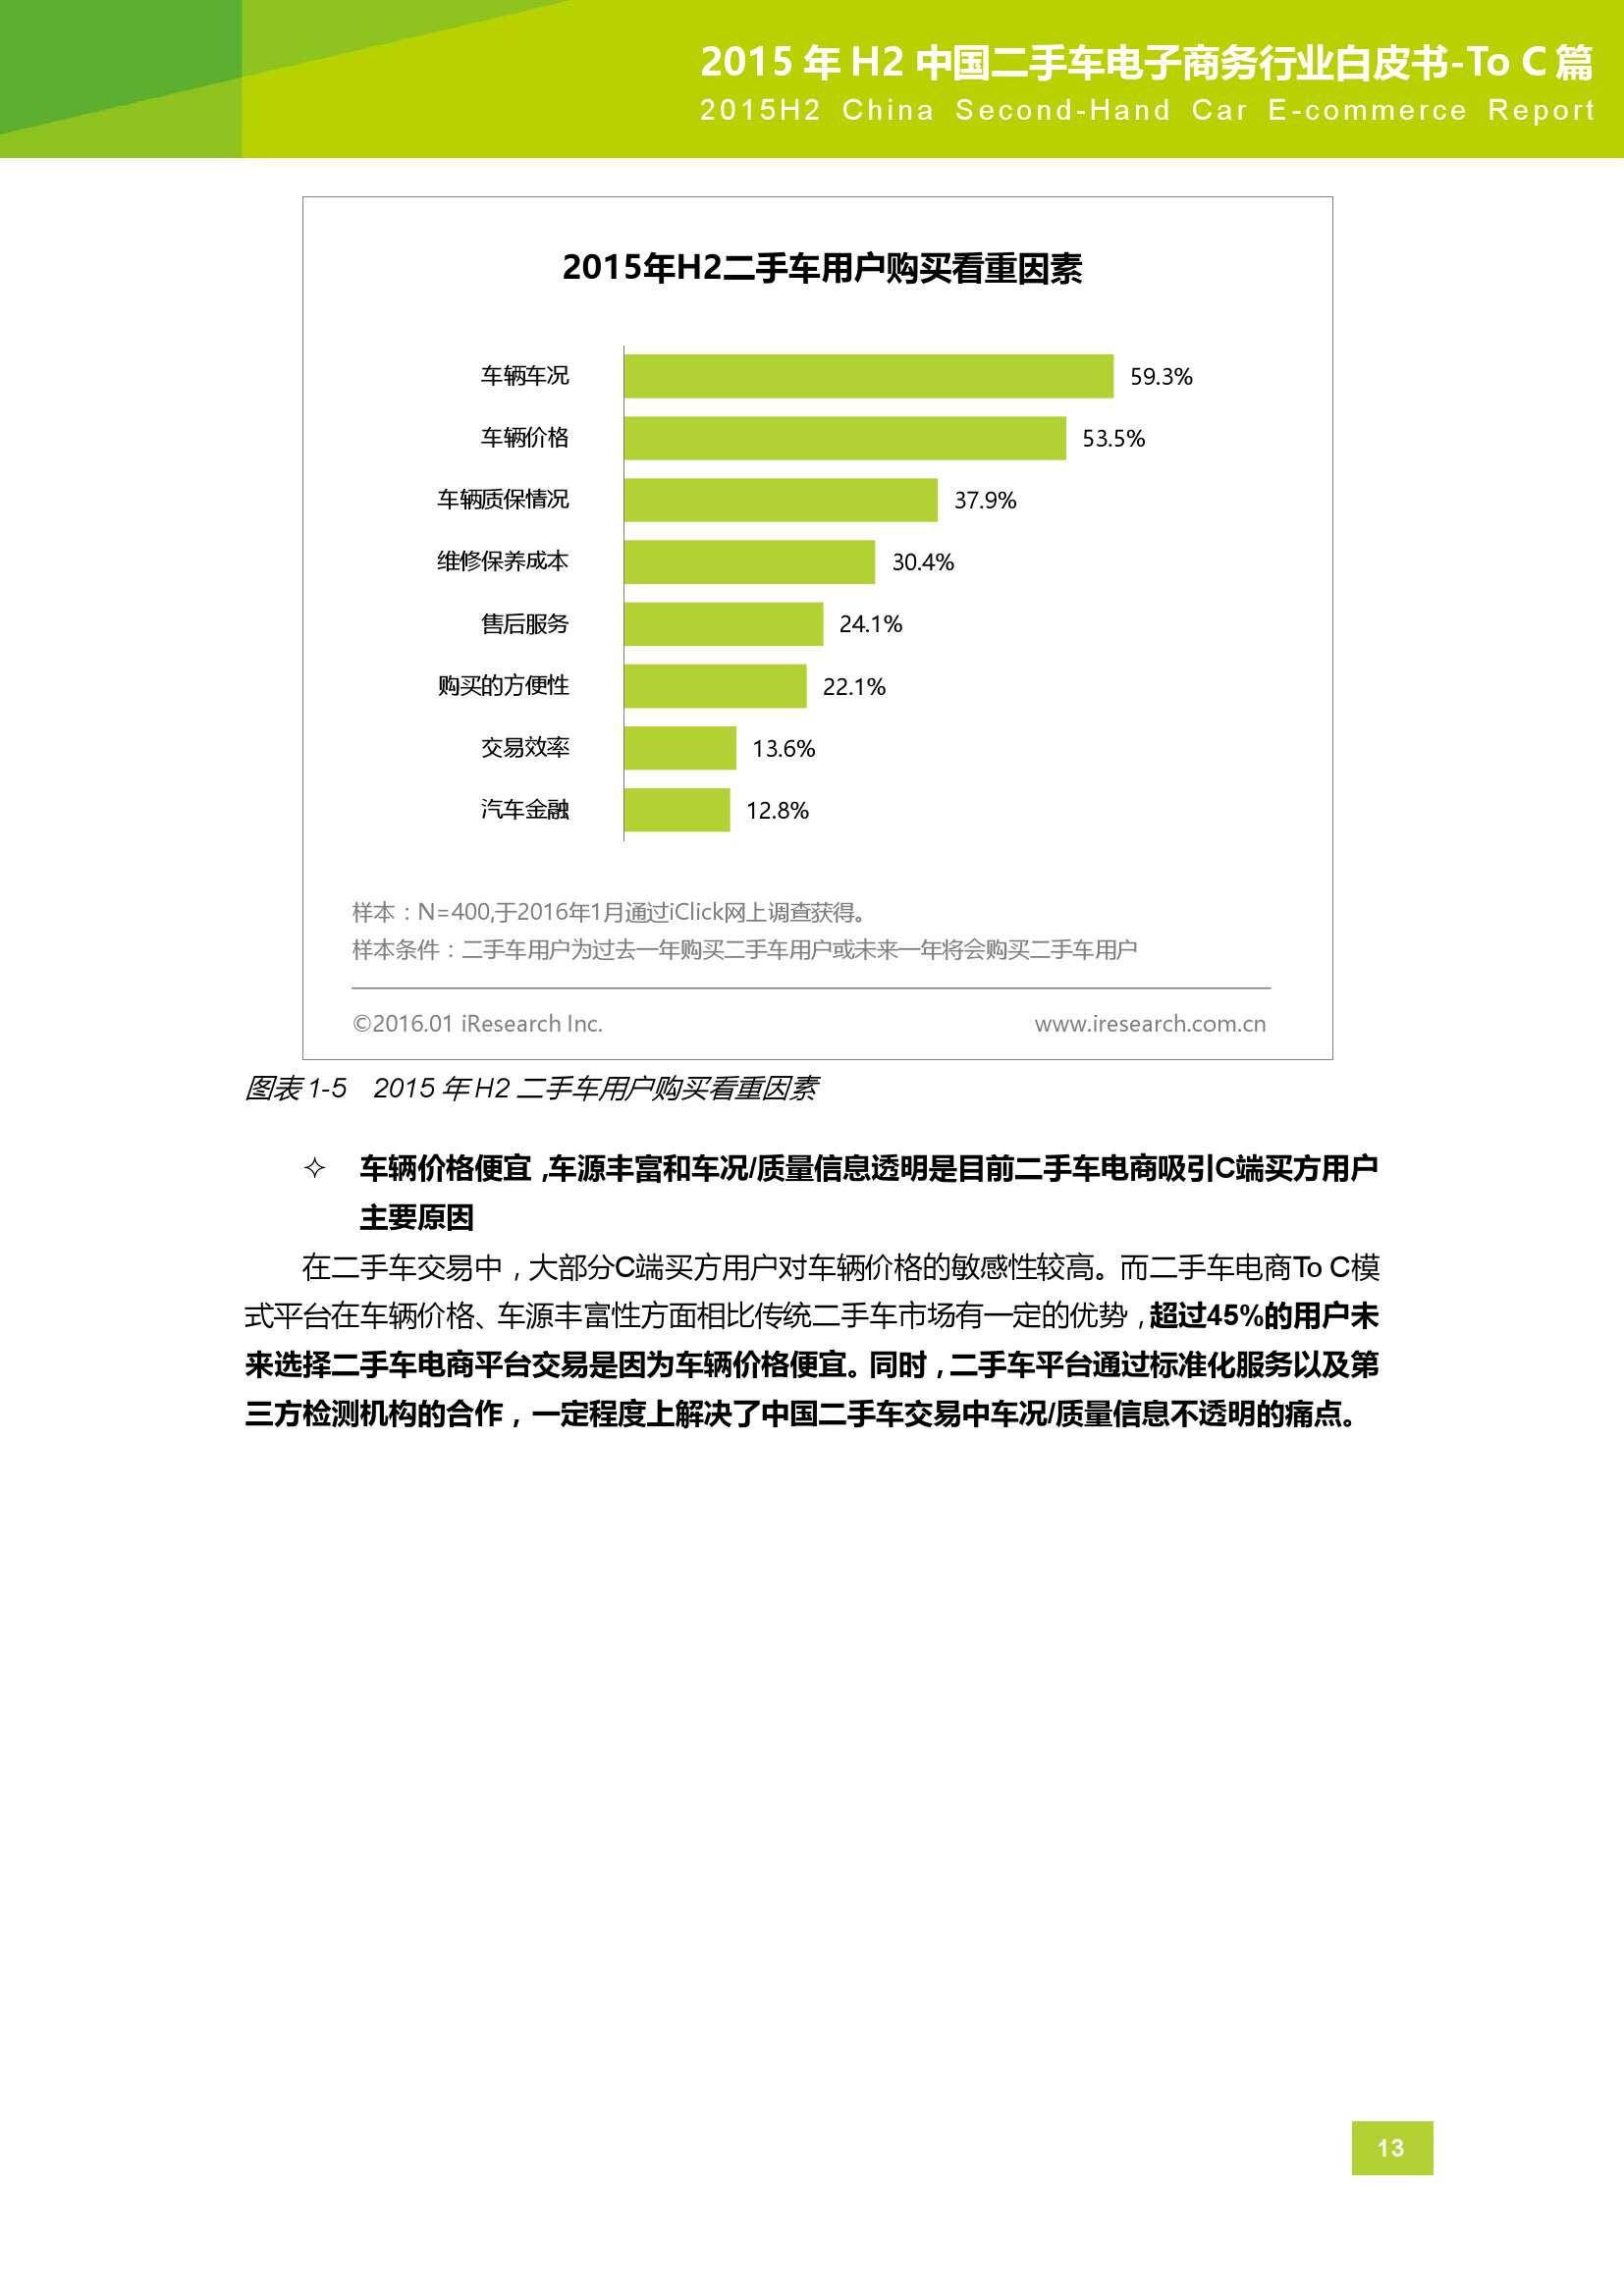 2015年H2中国二手车电子商务行业白皮书_000013